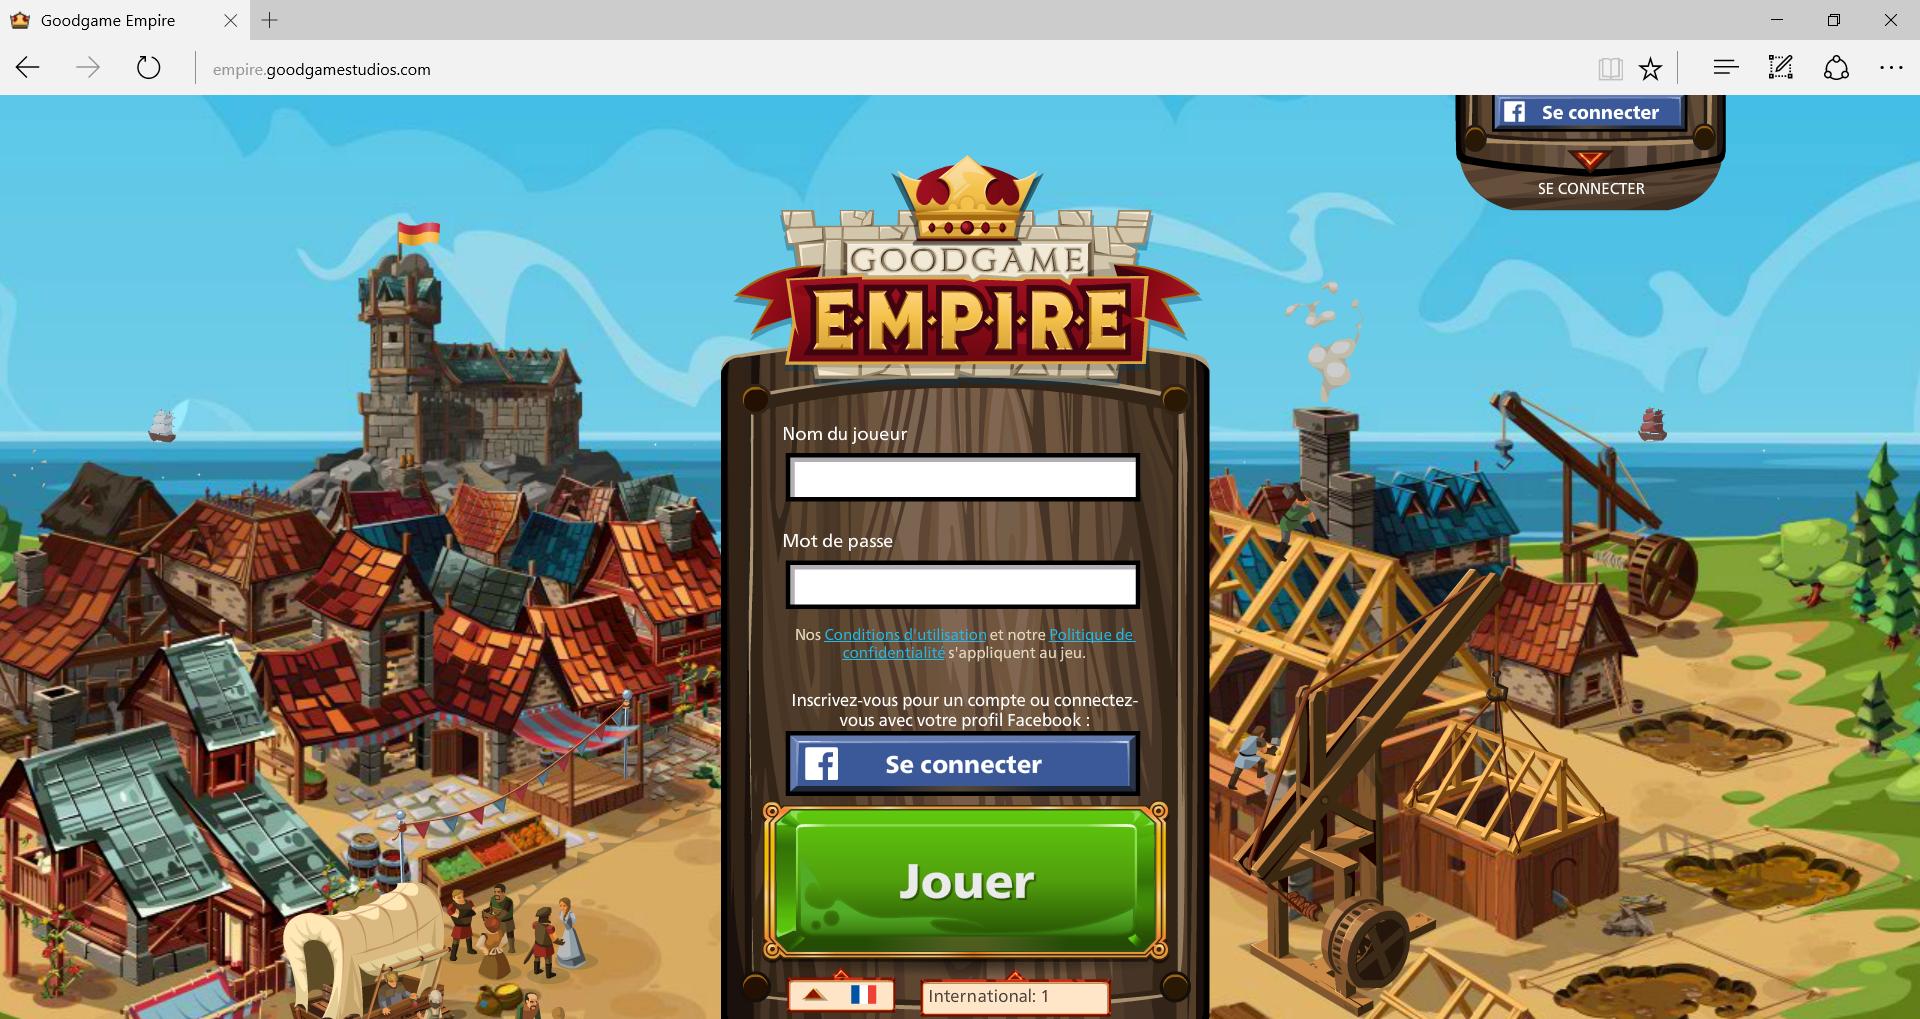 Lp.empire.goodgamestudios.com Pop-ups